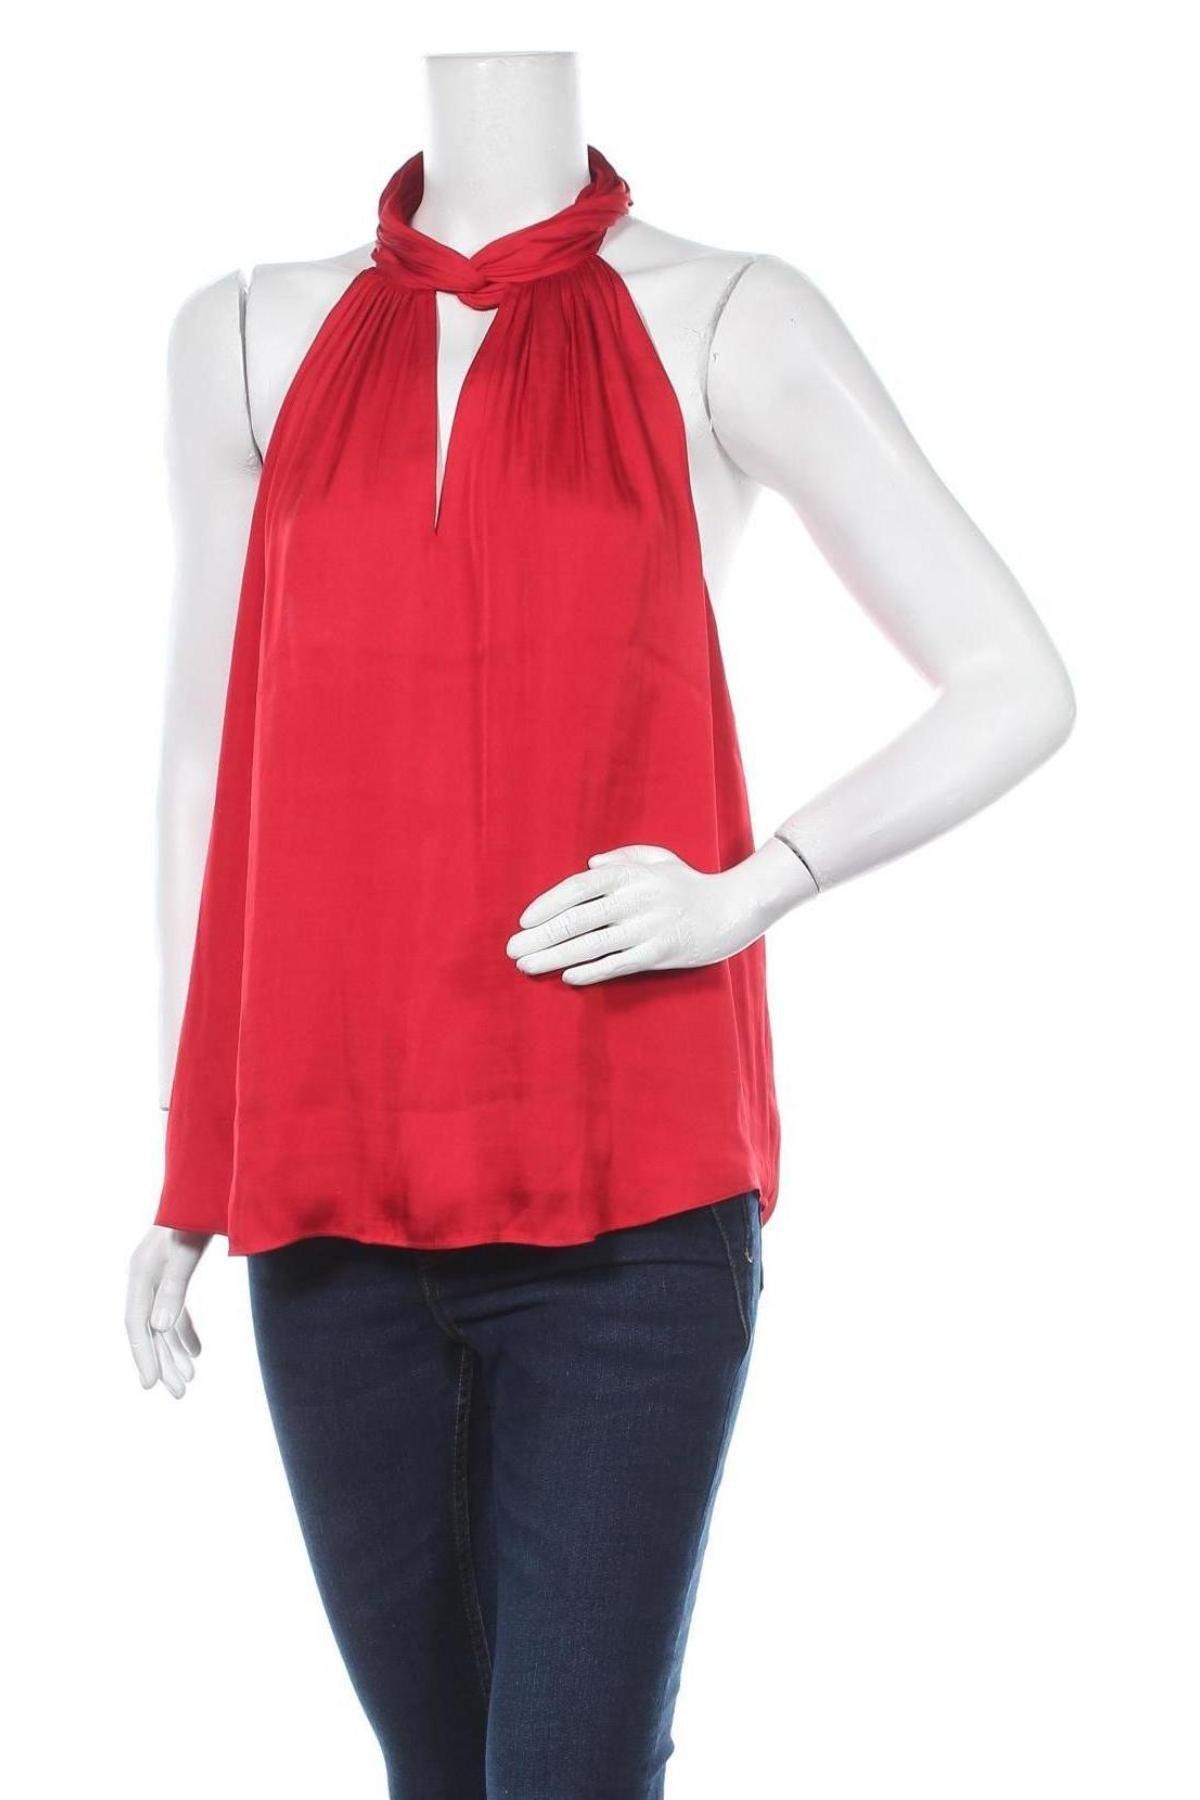 Γυναικείο αμάνικο μπλουζάκι Banana Republic, Μέγεθος XL, Χρώμα Κόκκινο, Πολυεστέρας, Τιμή 26,68€